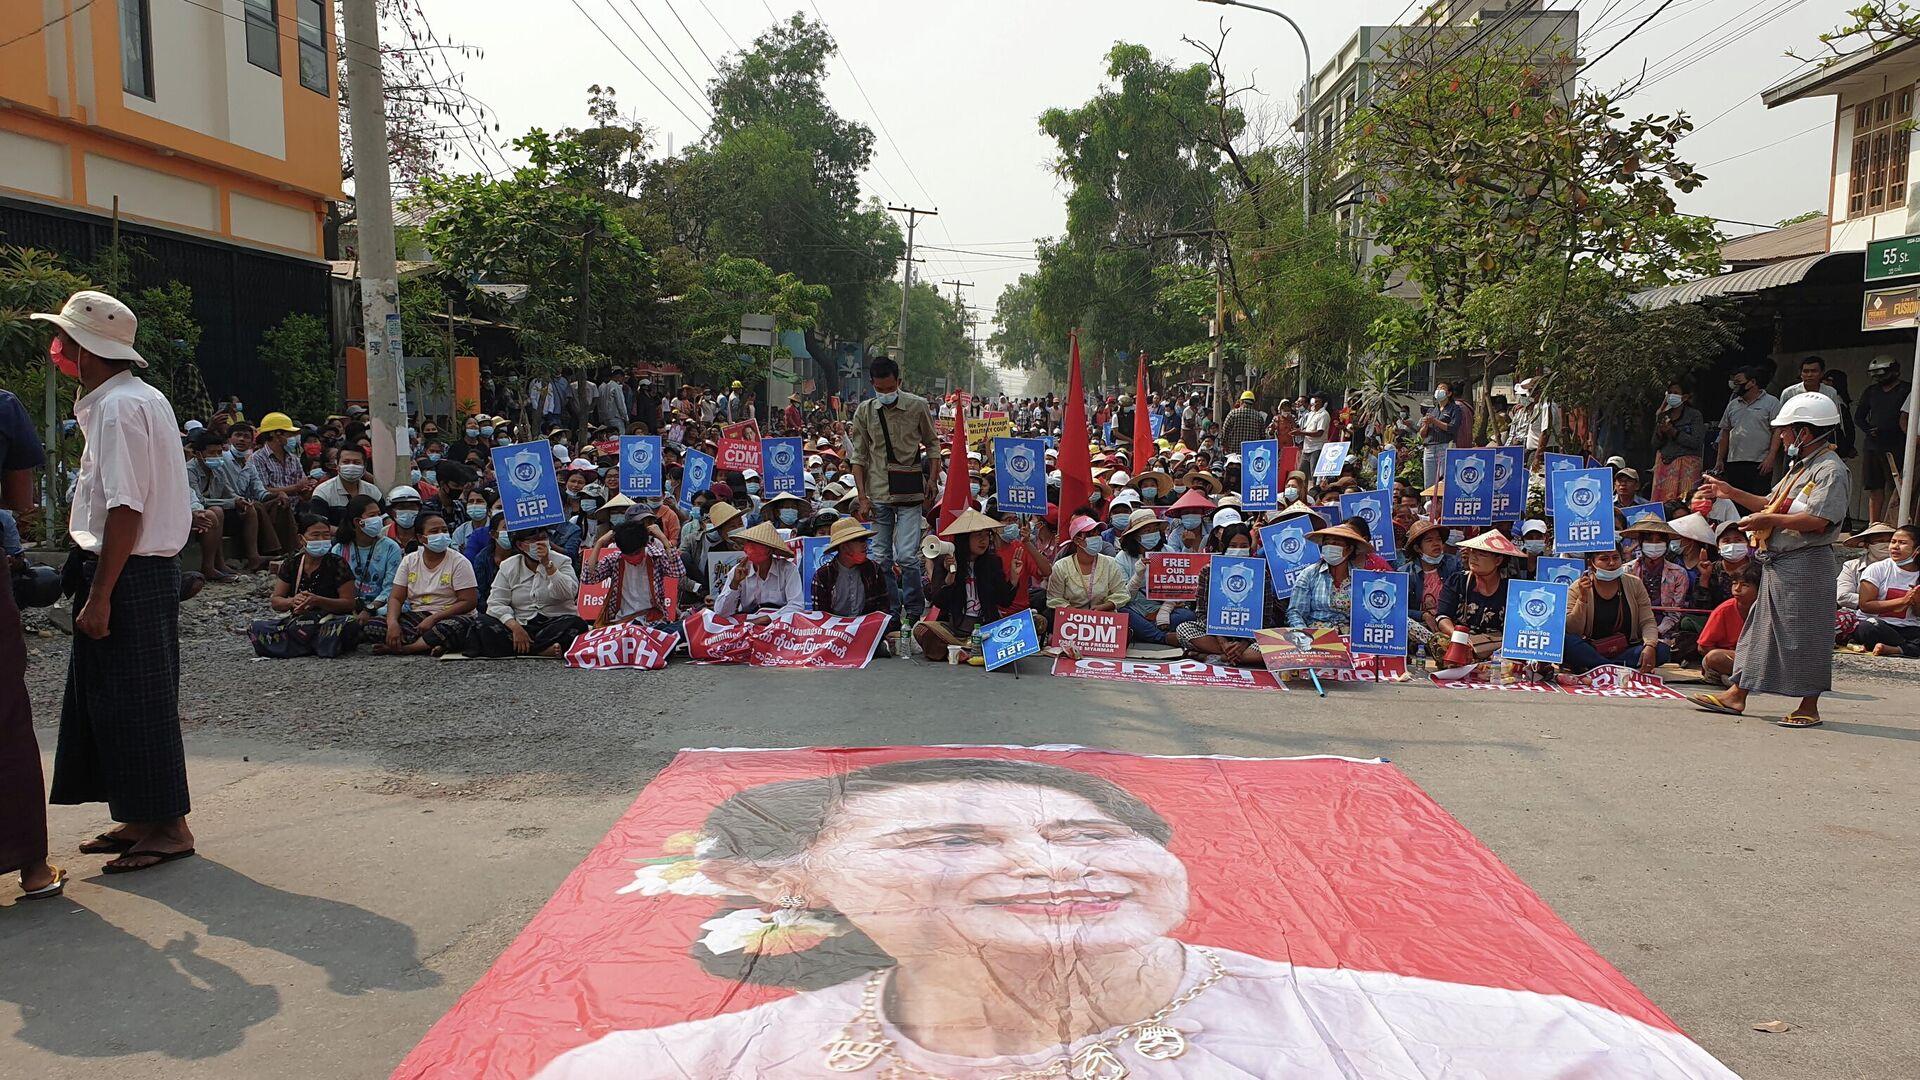 Protestaktion in Mandalay am 10. März 2021 - SNA, 1920, 10.03.2021